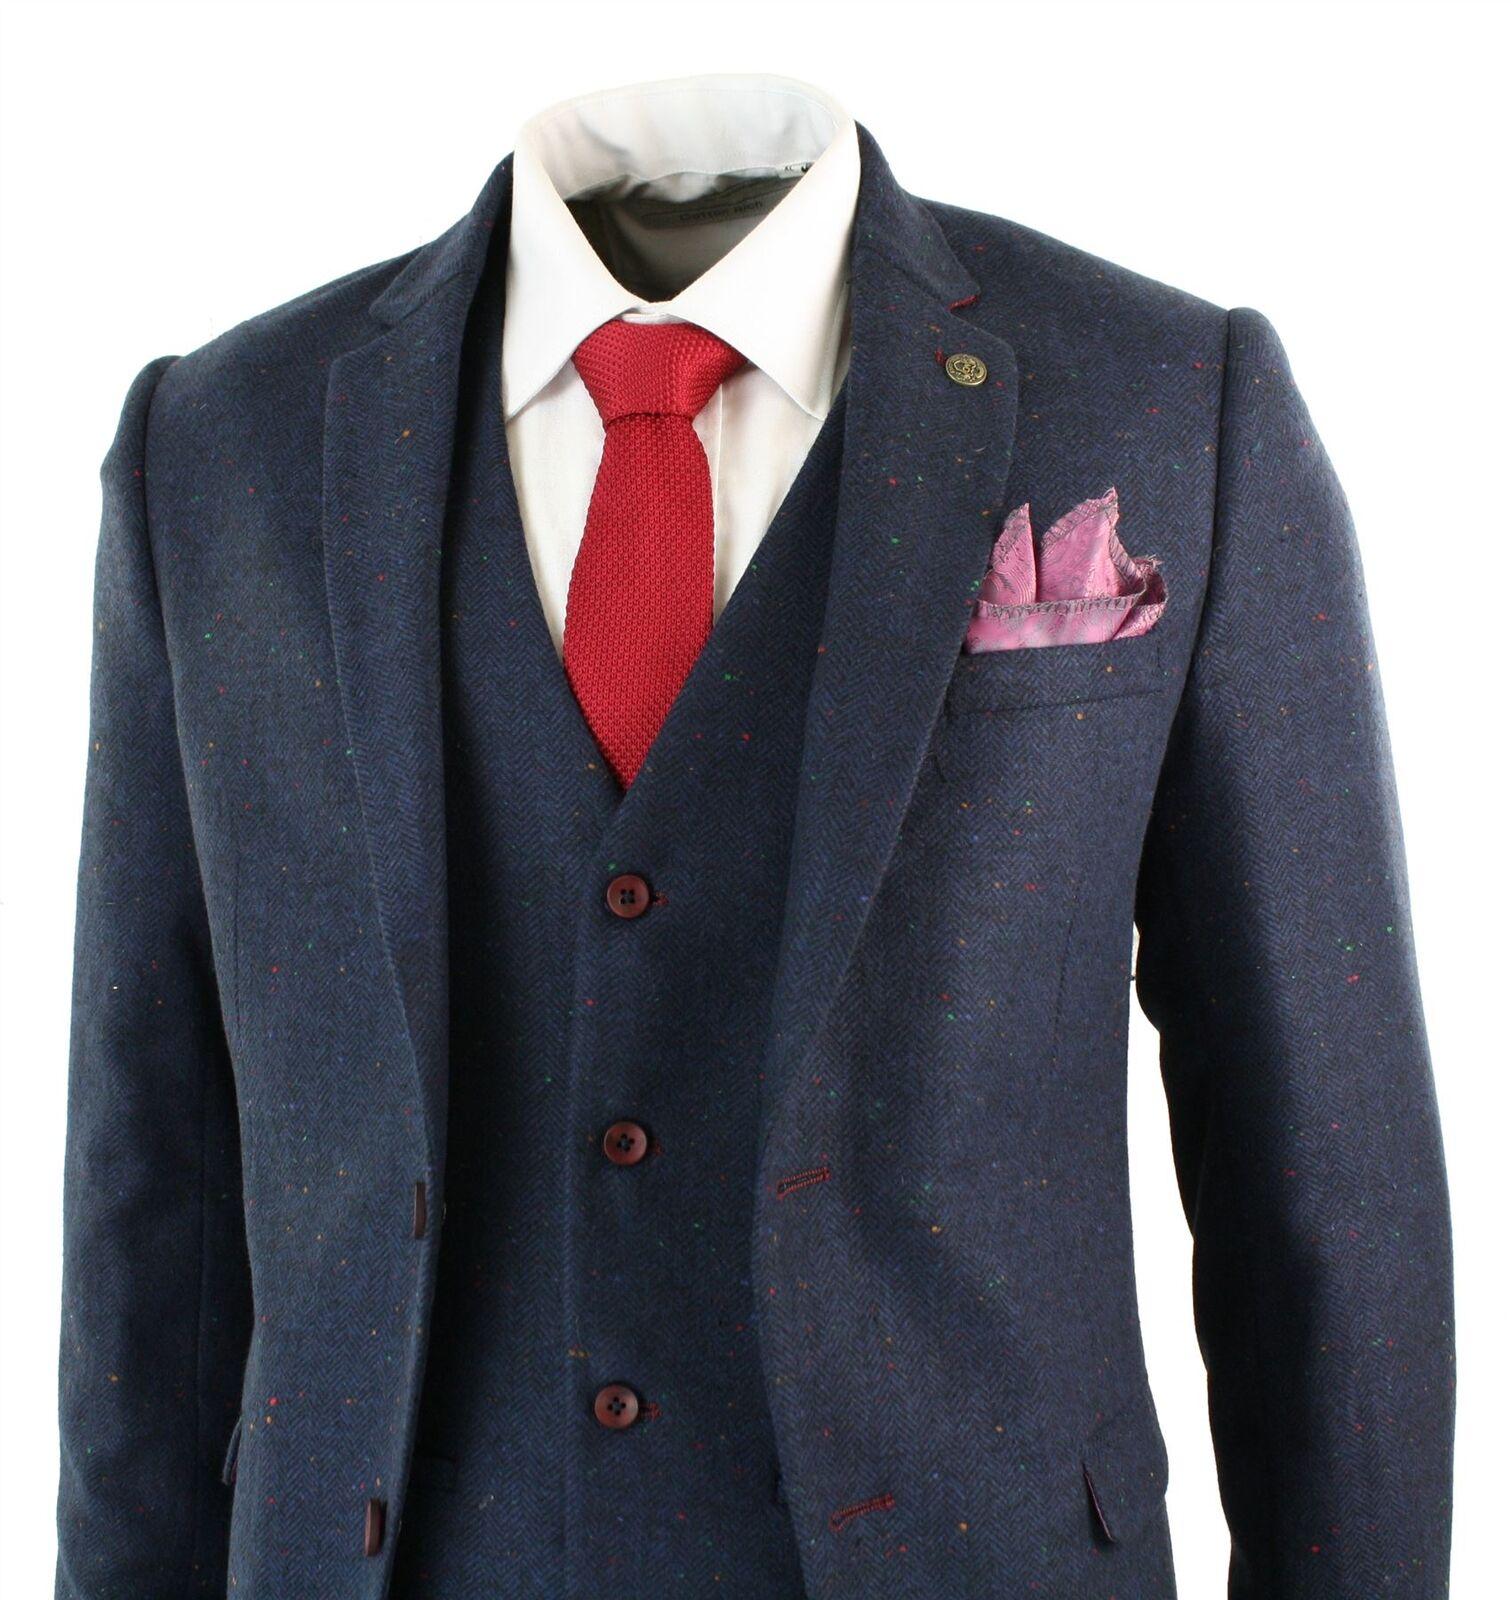 Herren 3 Piece Marc Darcy Tweed Retro Herringbone Navy Wine Trim Slim Fit Suit